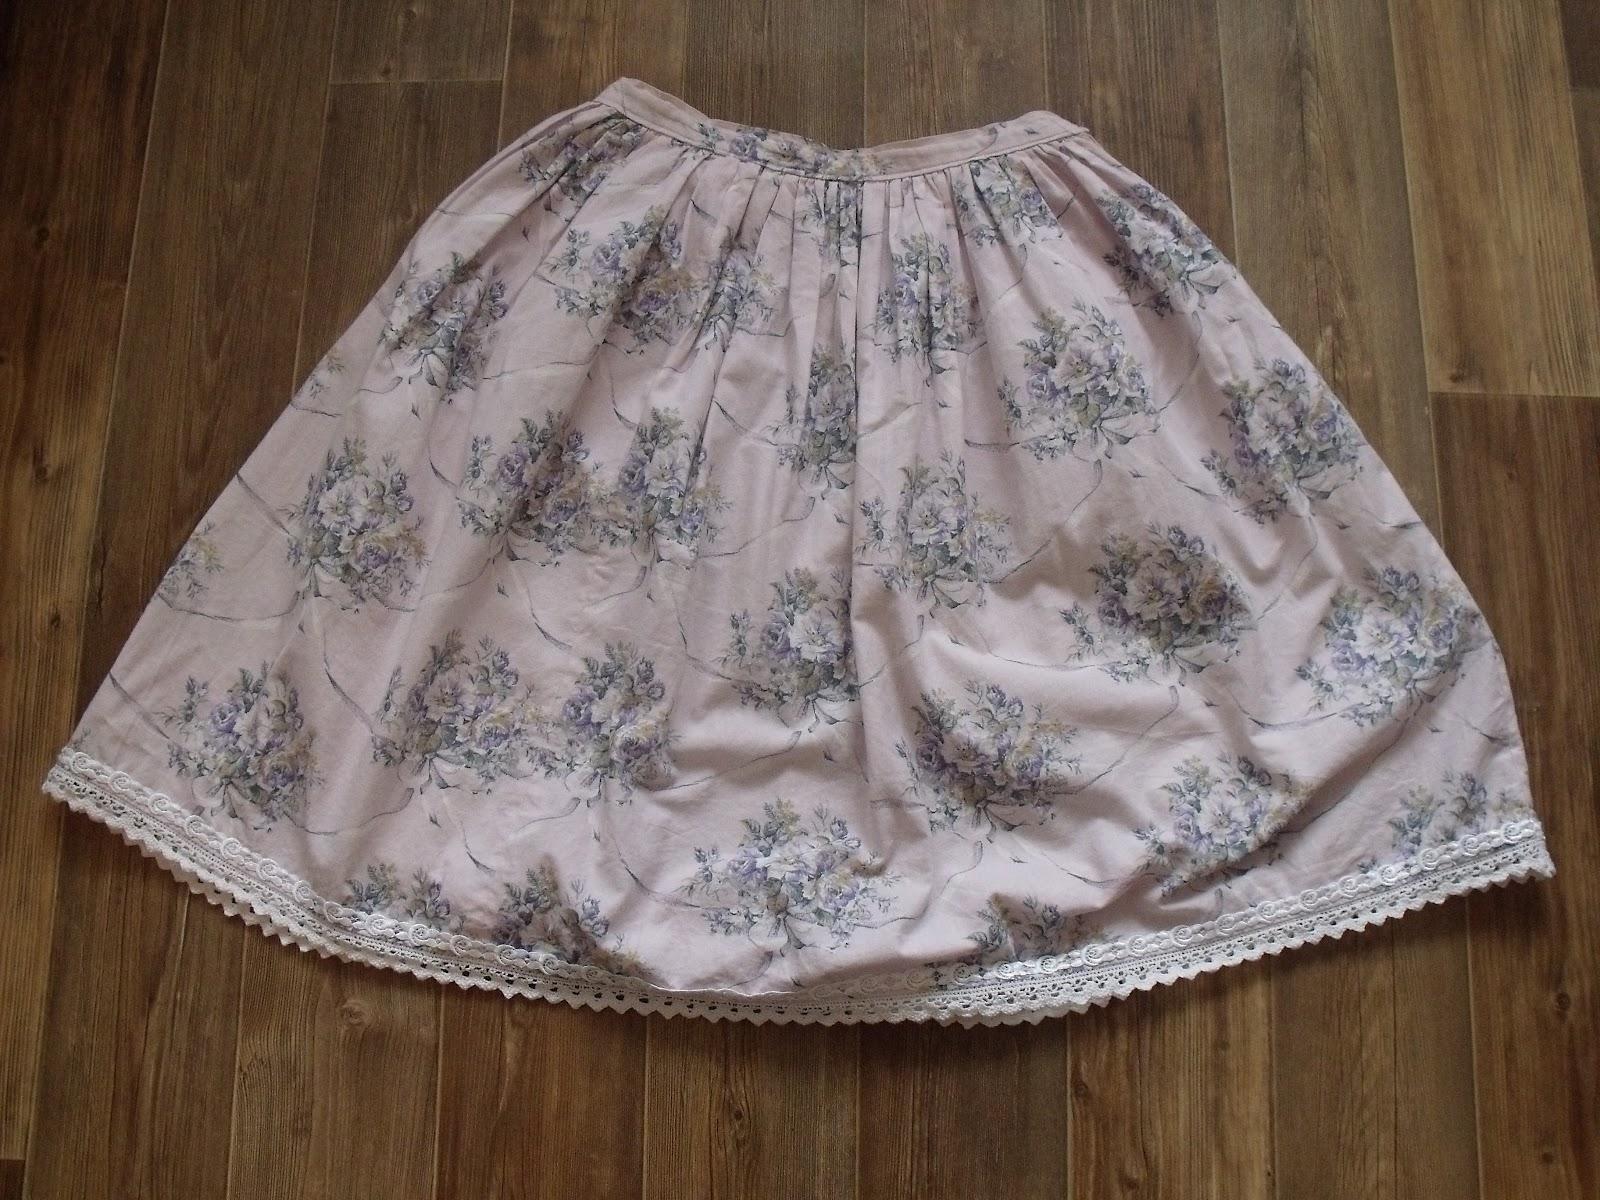 5f9d921ab3a Kafíčko od Pet-chan- Druhá nejoblíbenější sukně. Kupovala jsem ji ještě  jako těžce závislá na kofeinu (nyní je čajová odvykačka-od čerta k ďáblu   XD). Hnědá ...